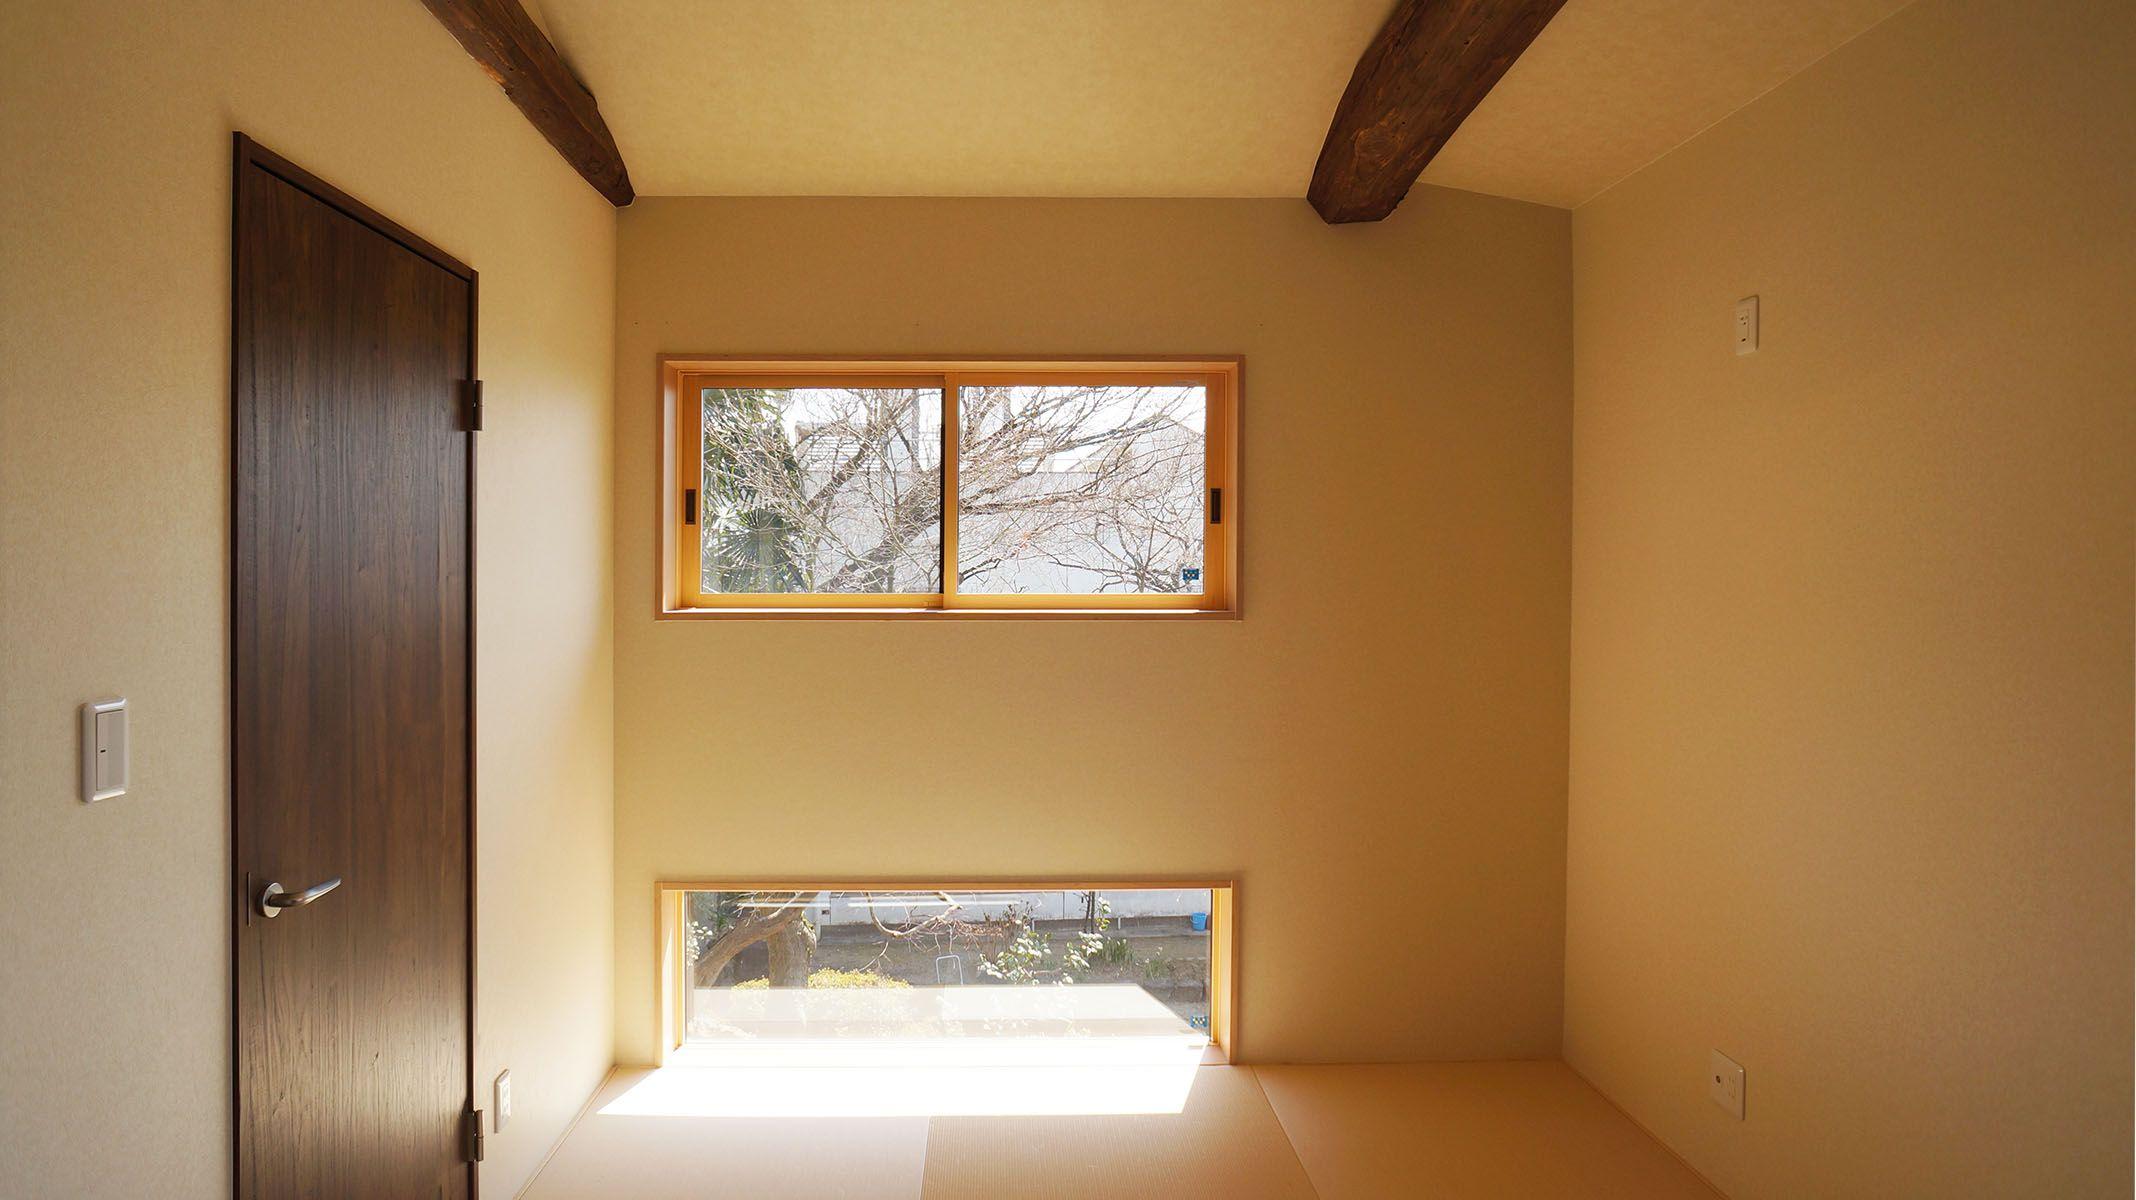 和室に地窓とよばれる 床面に接した低い位置に窓を設けました 窓